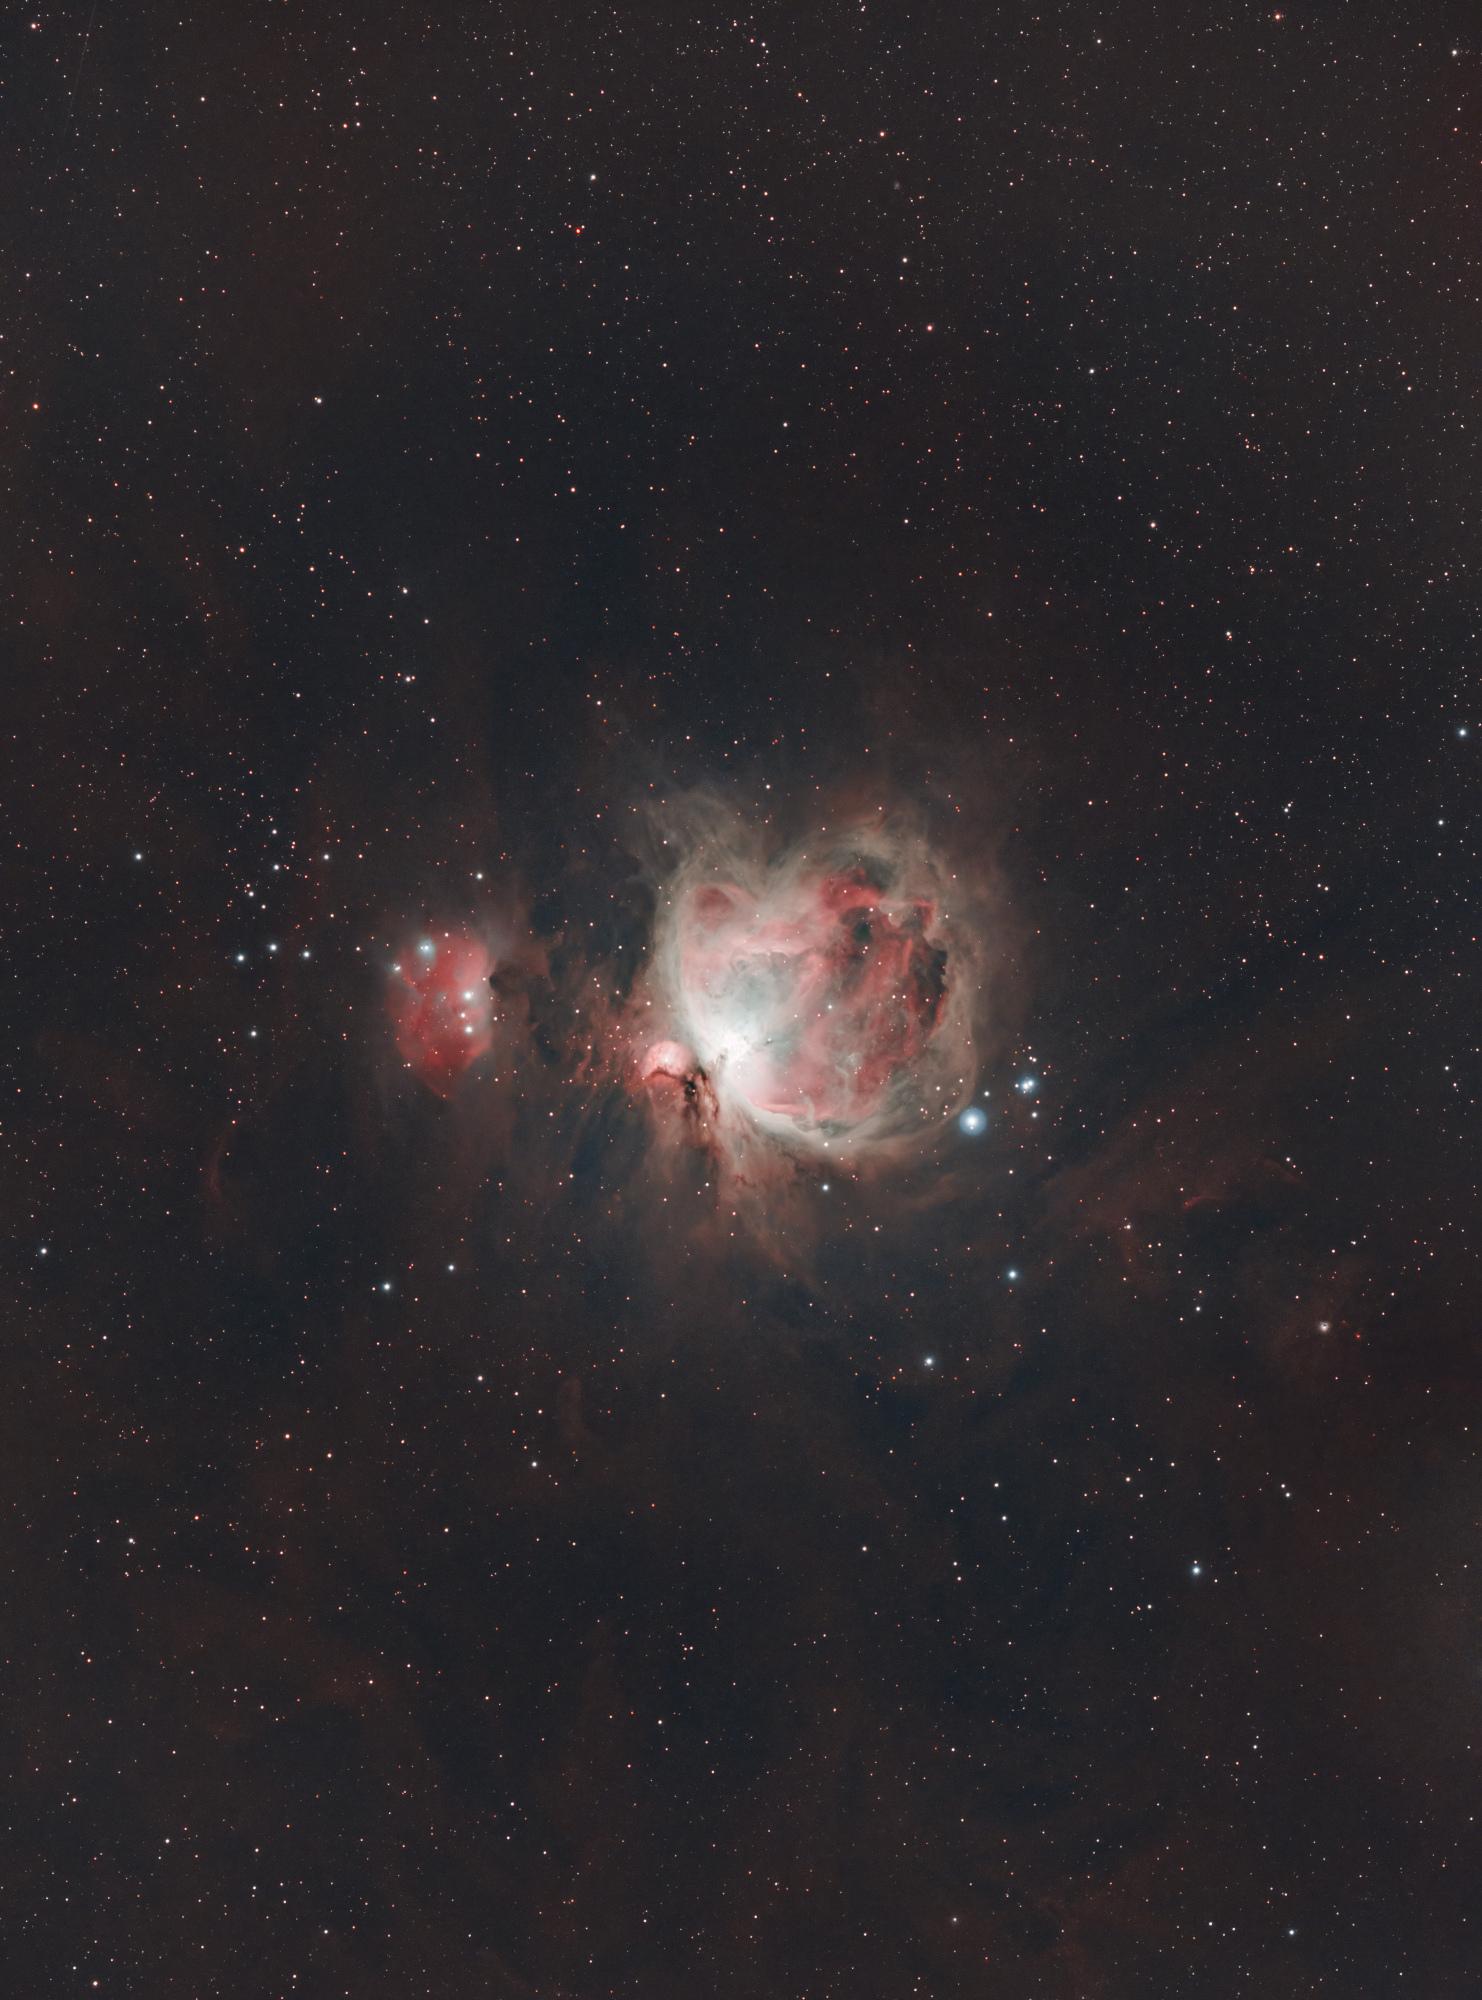 Orion_VSD100_Triad_6200_15M_(1_sur_1).thumb.jpg.c2e95eaaf5439d79dfeb13bae5eb84fa.jpg